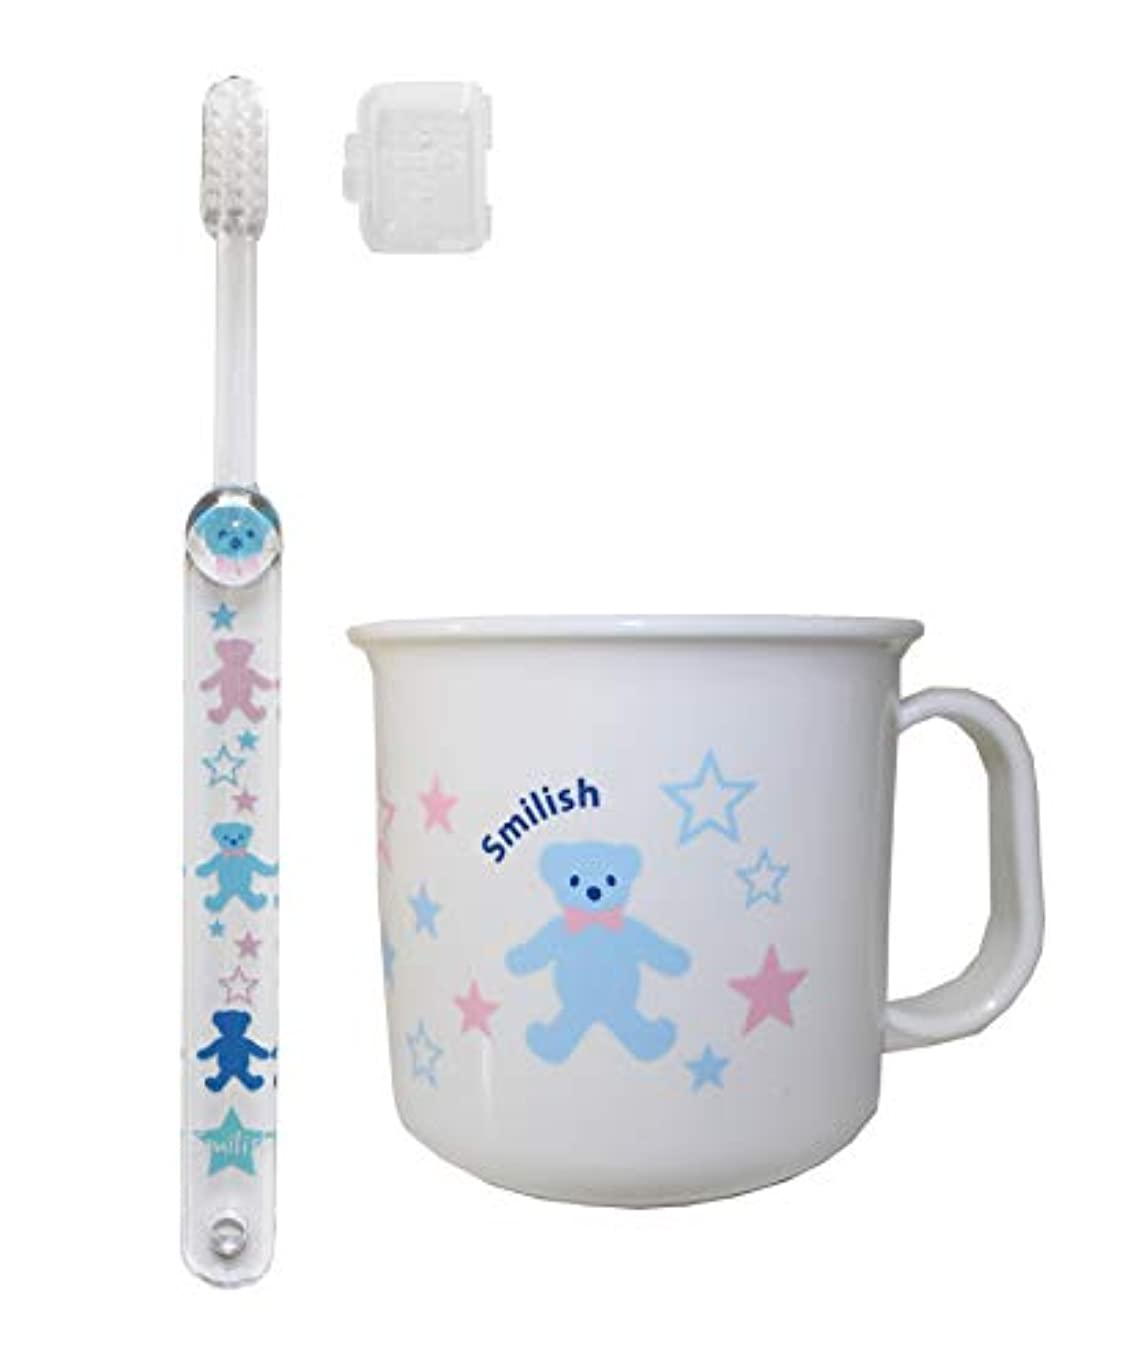 自発役割経度子ども歯ブラシ(キャップ付き) 耐熱コップセット ABCくま柄